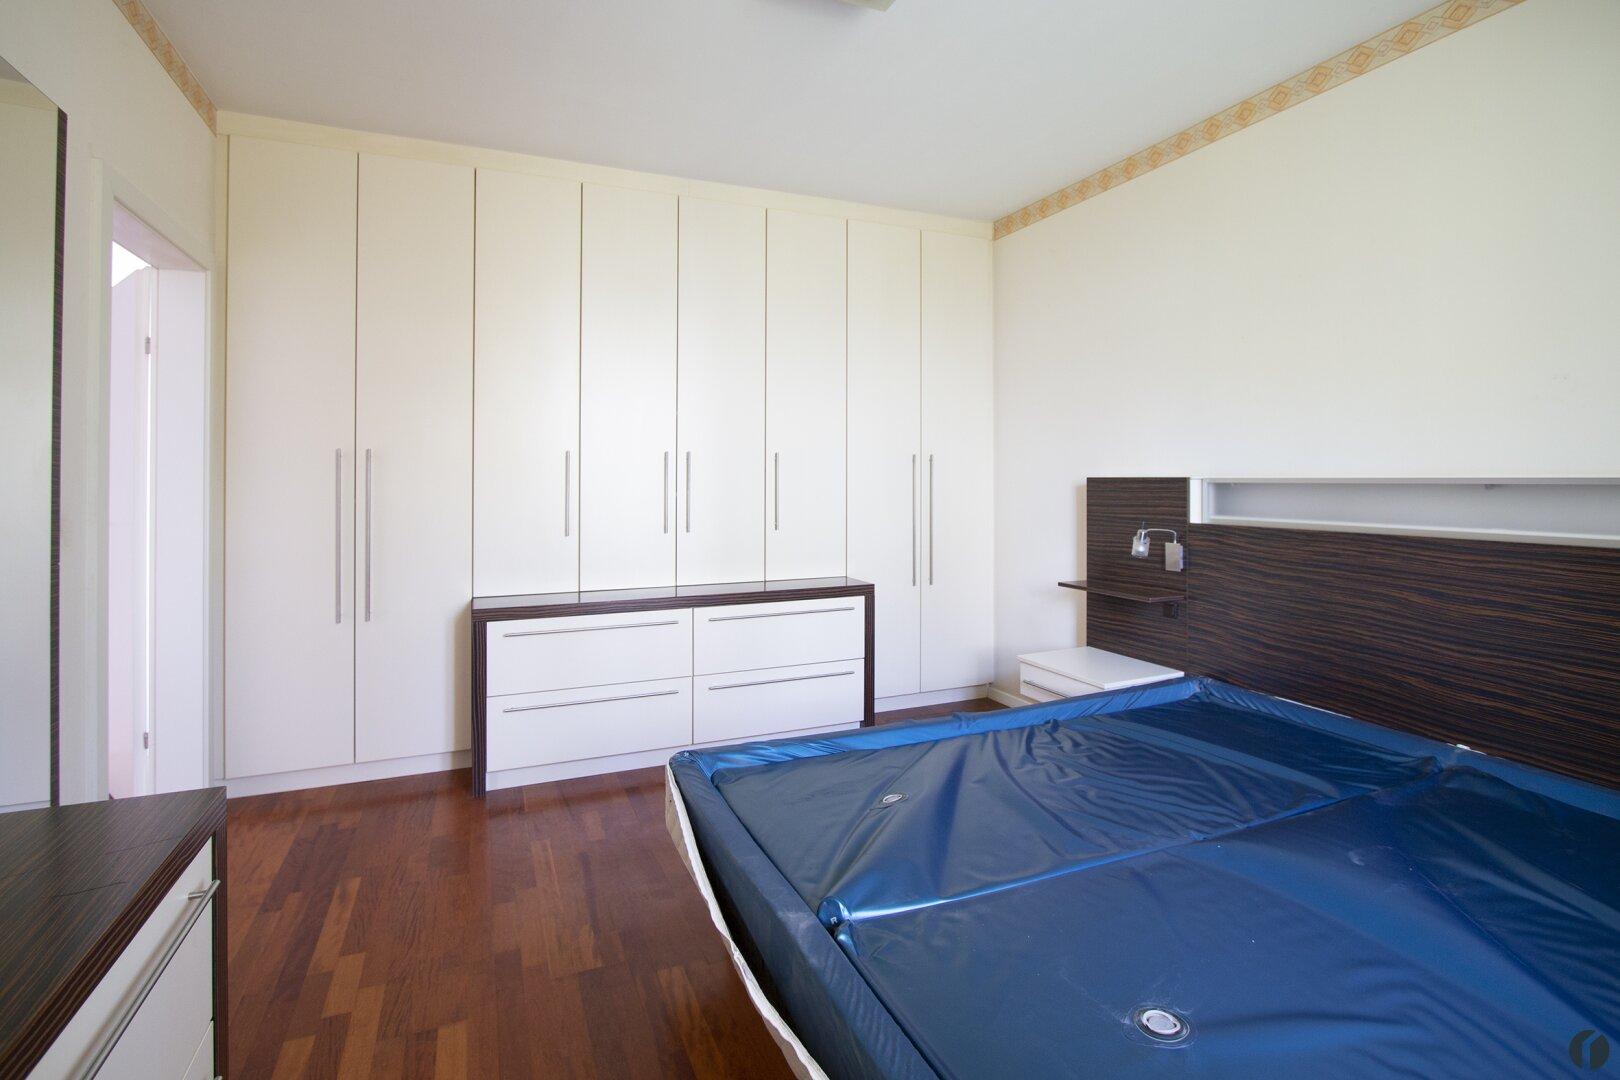 Schlafzimmer inkl. Einbauschrank, Bett und Kommode